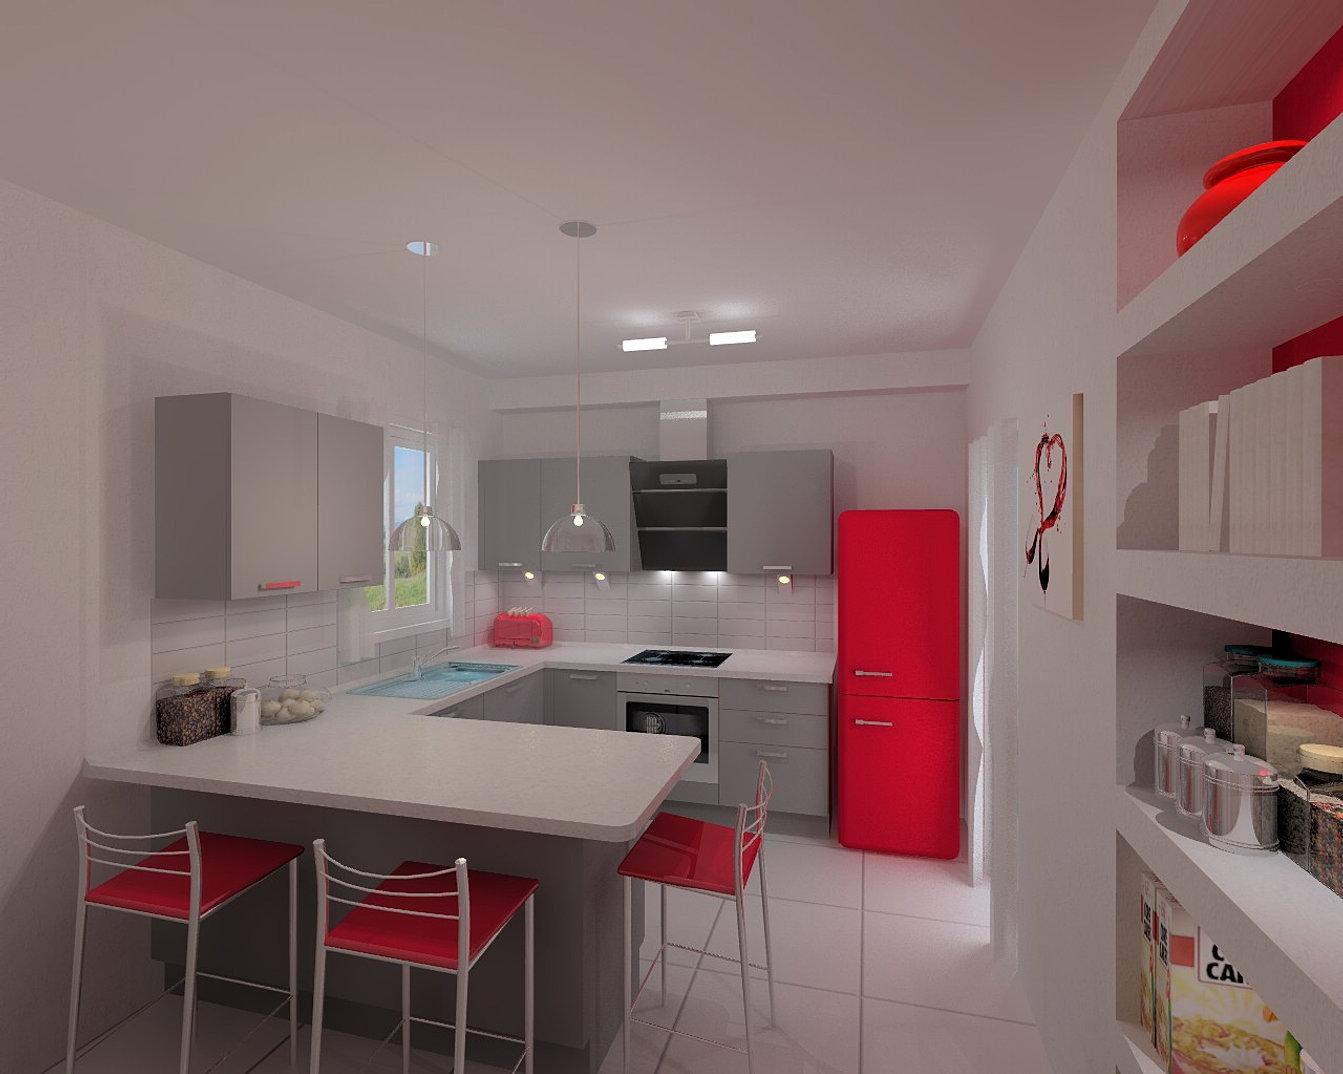 Progettazione d 39 interni progettazione interni online - Progettazione cucina on line ...